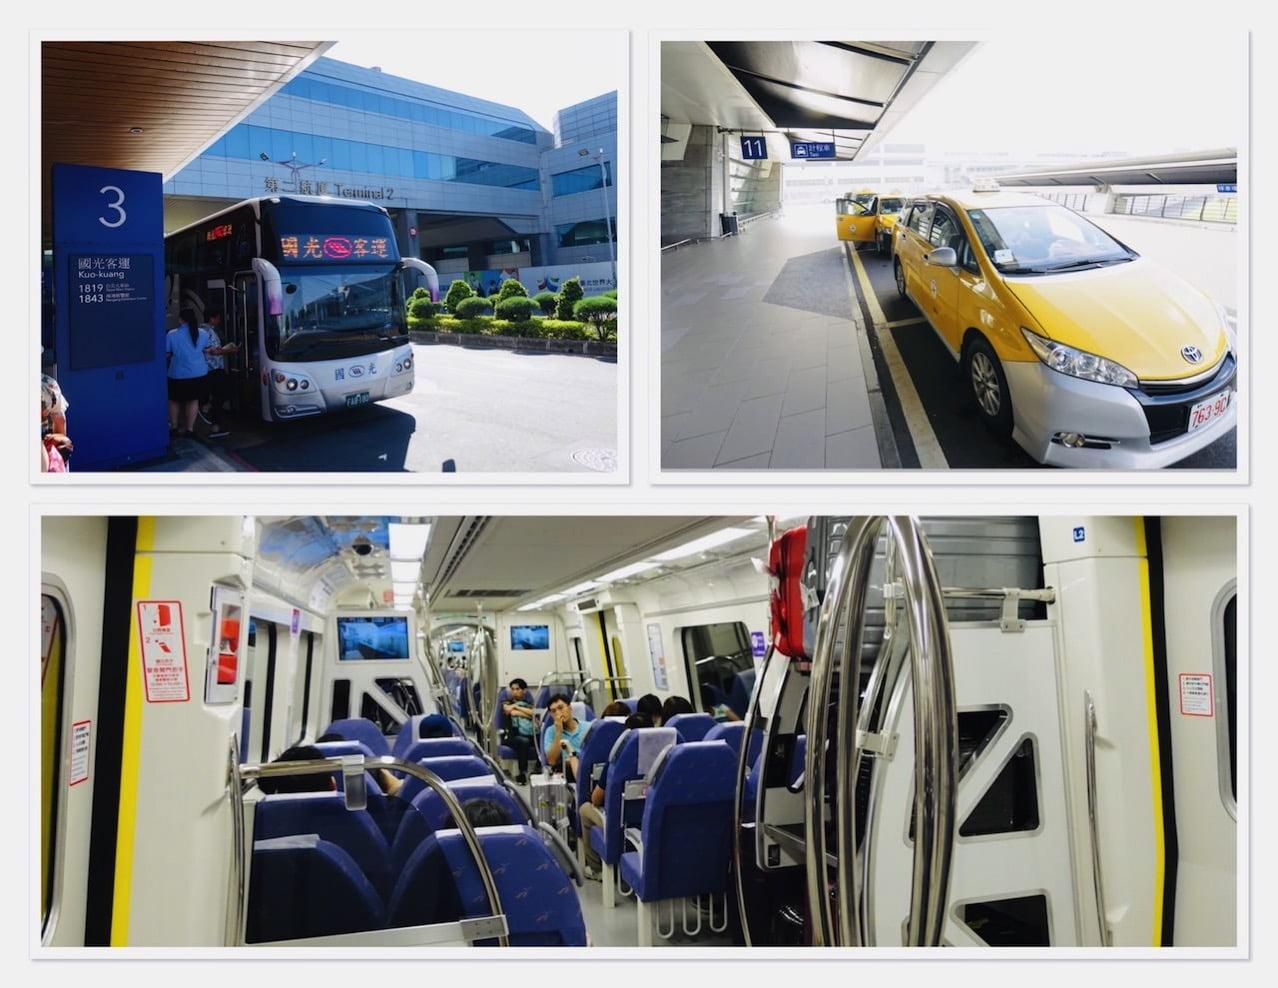 桃園空港からの移動手段のバス、タクシー、地下鉄